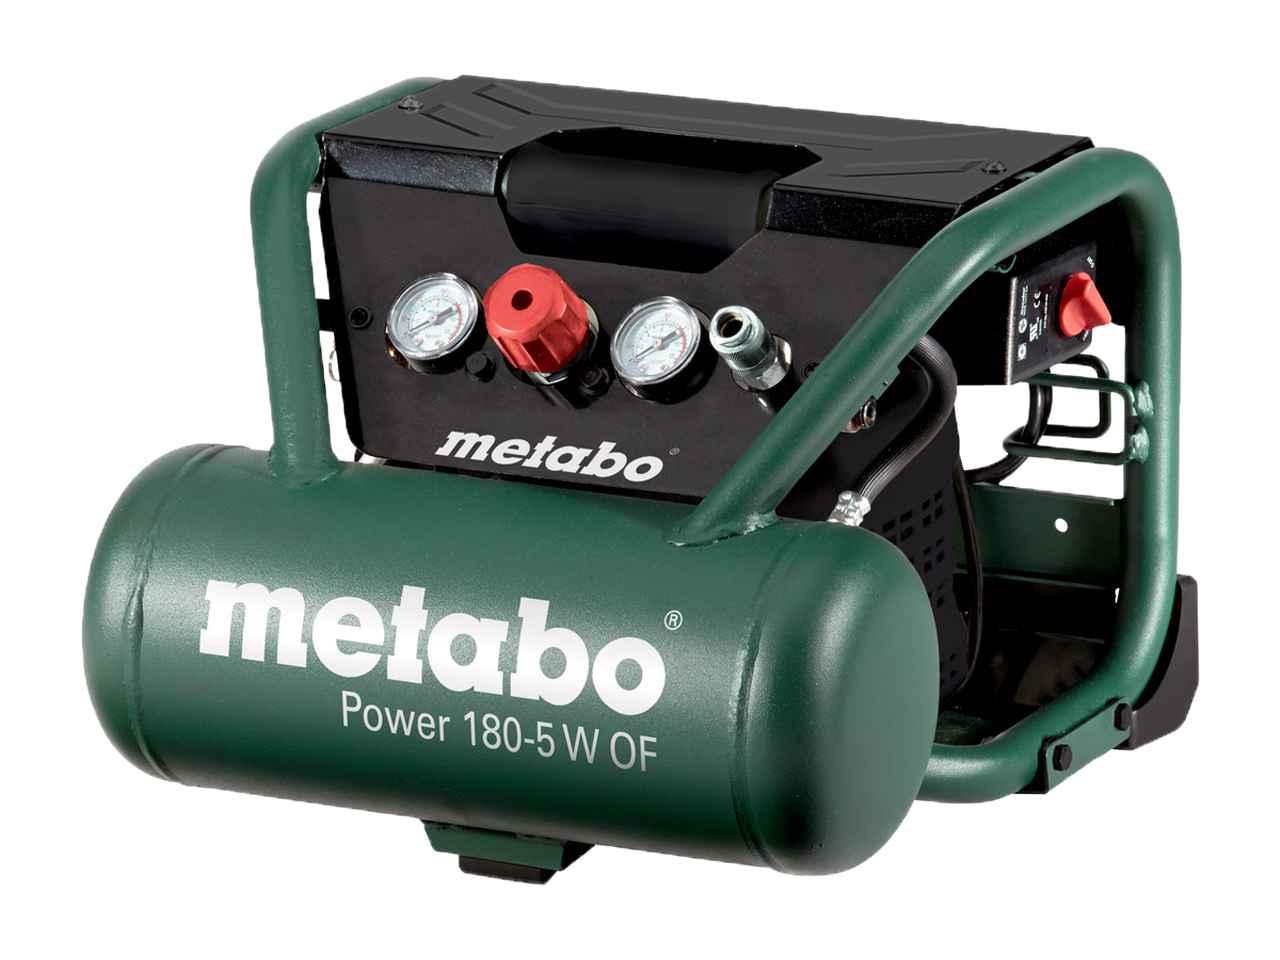 Metabo_601531000.jpg